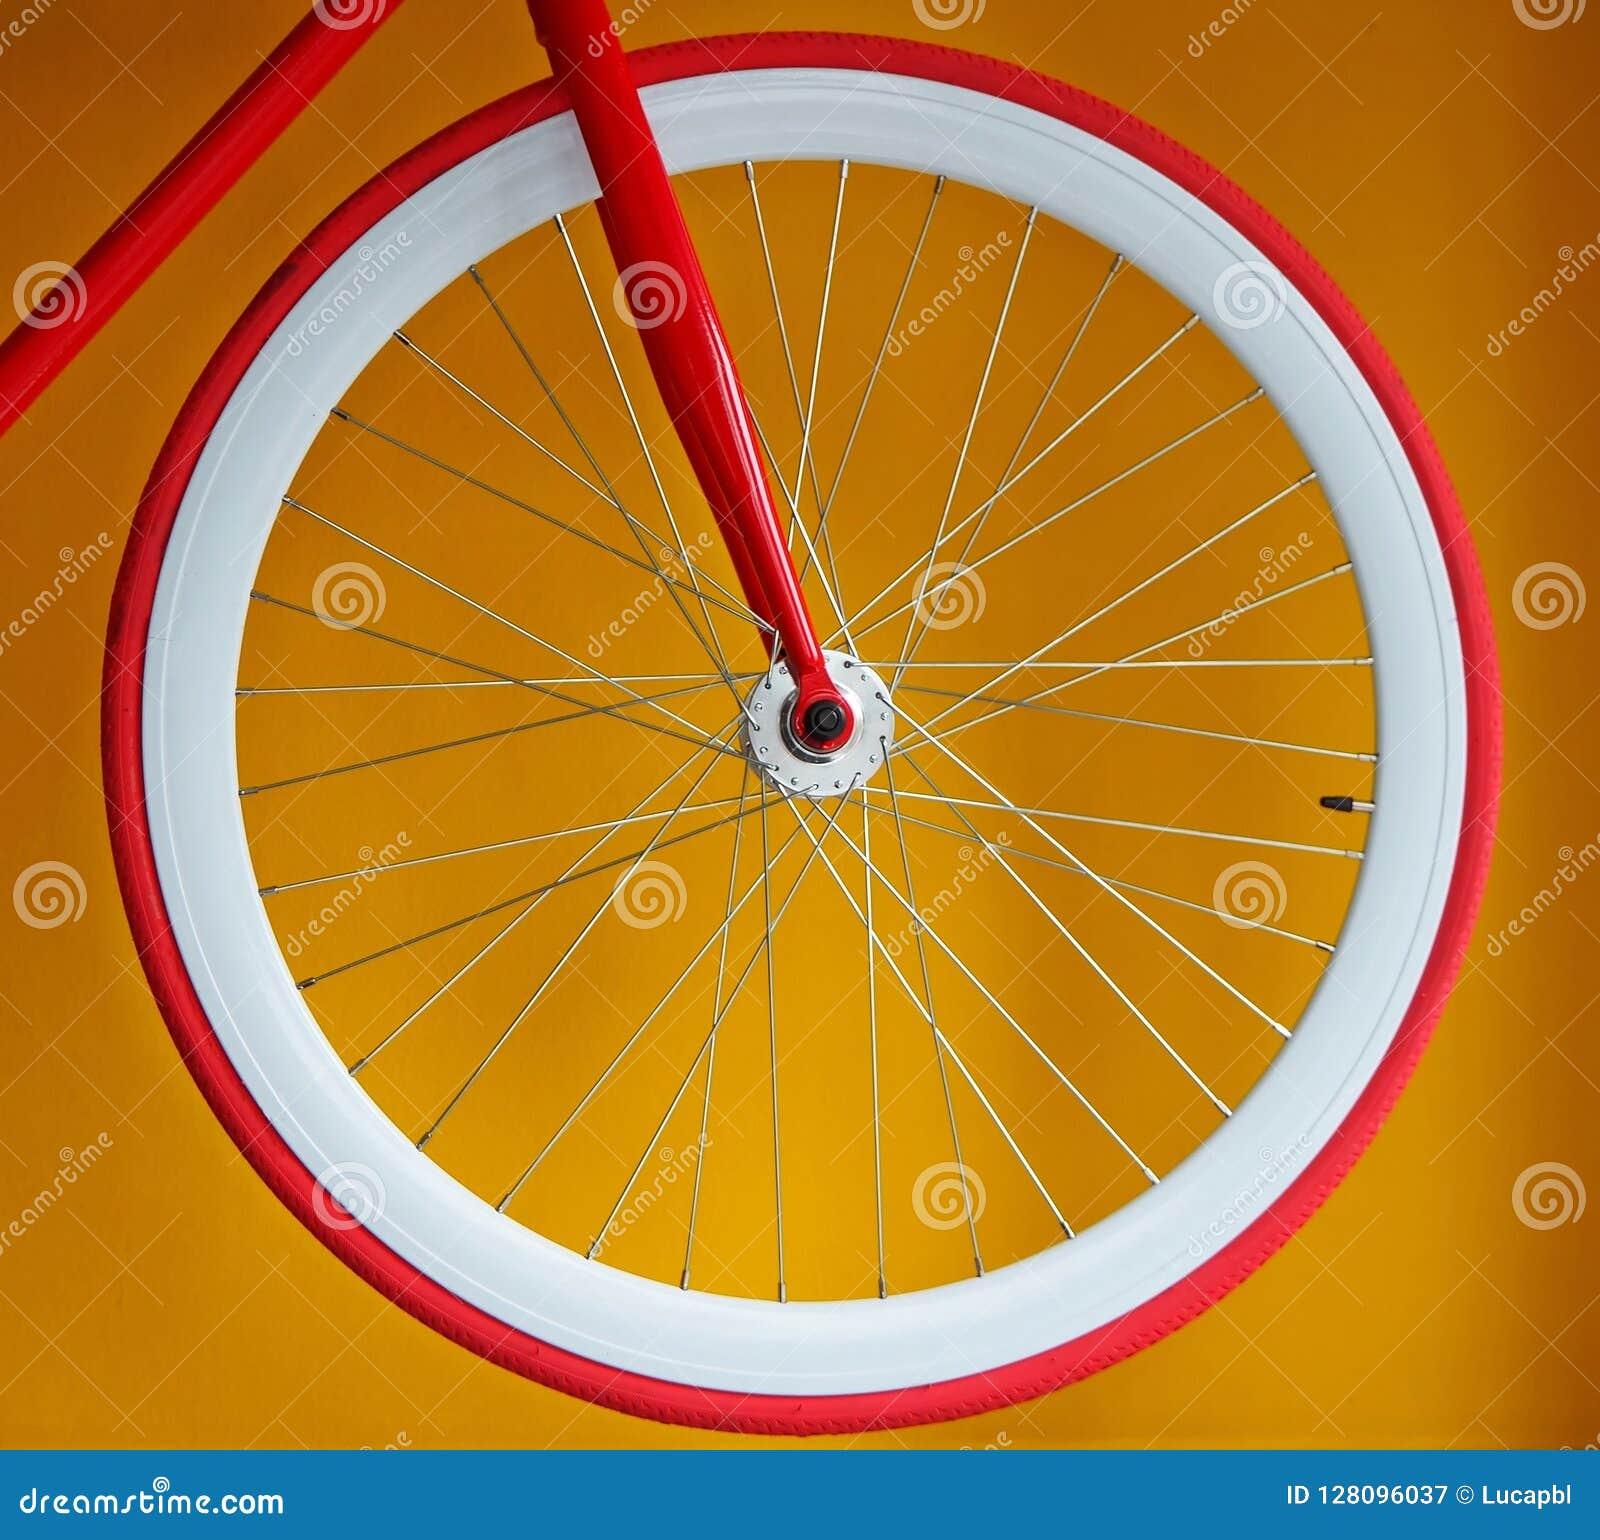 有稀薄的红色轮胎和白色宽外缘的固定的齿轮自行车车轮